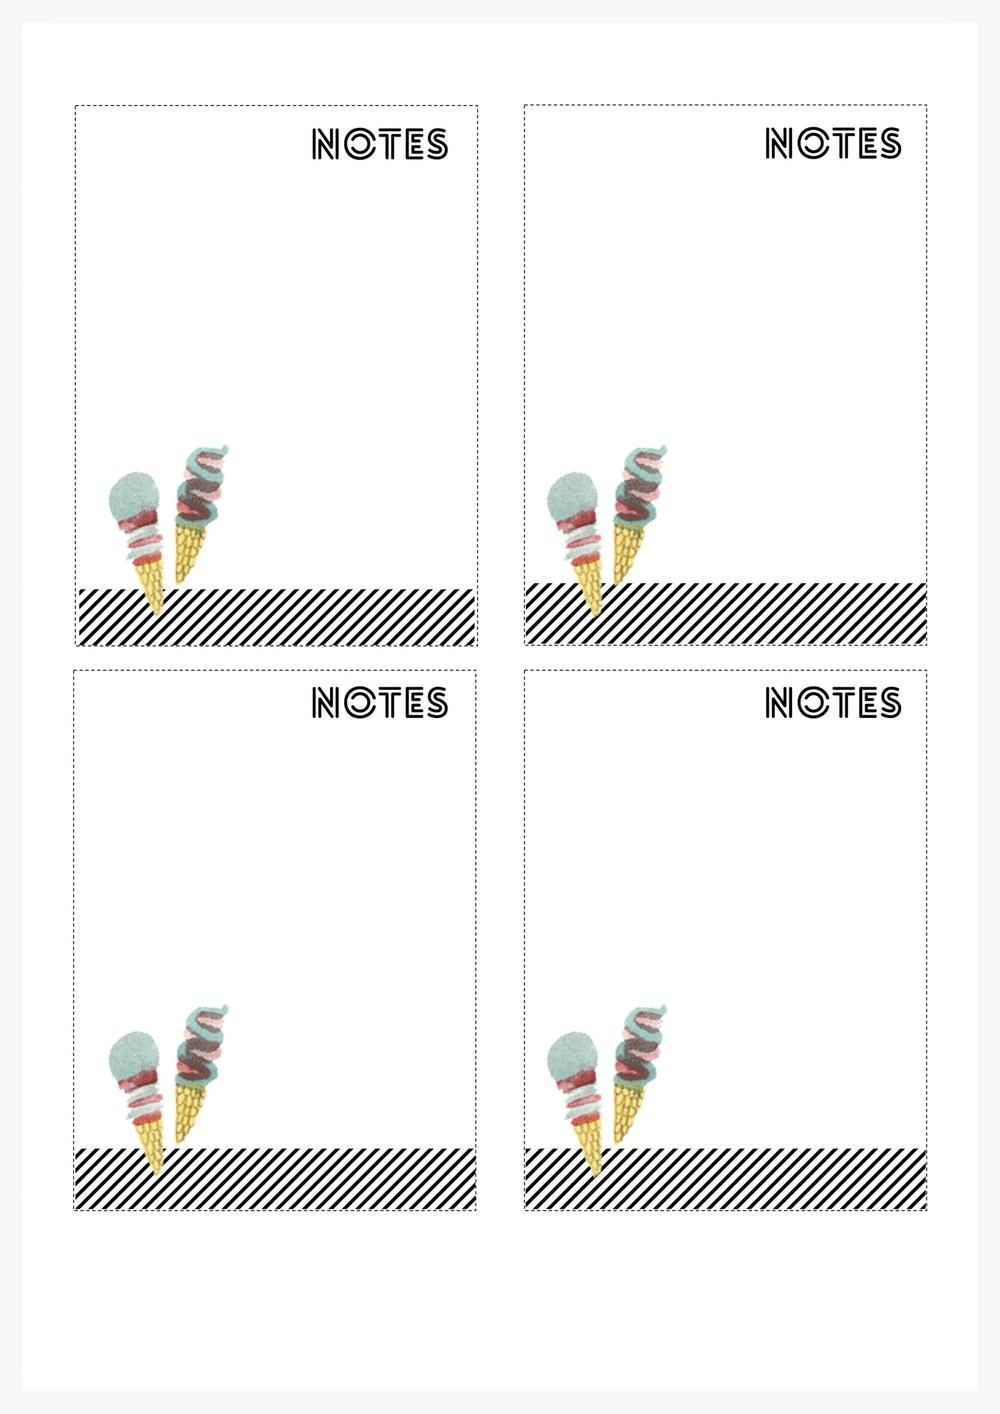 2014-07 - Notes.jpg